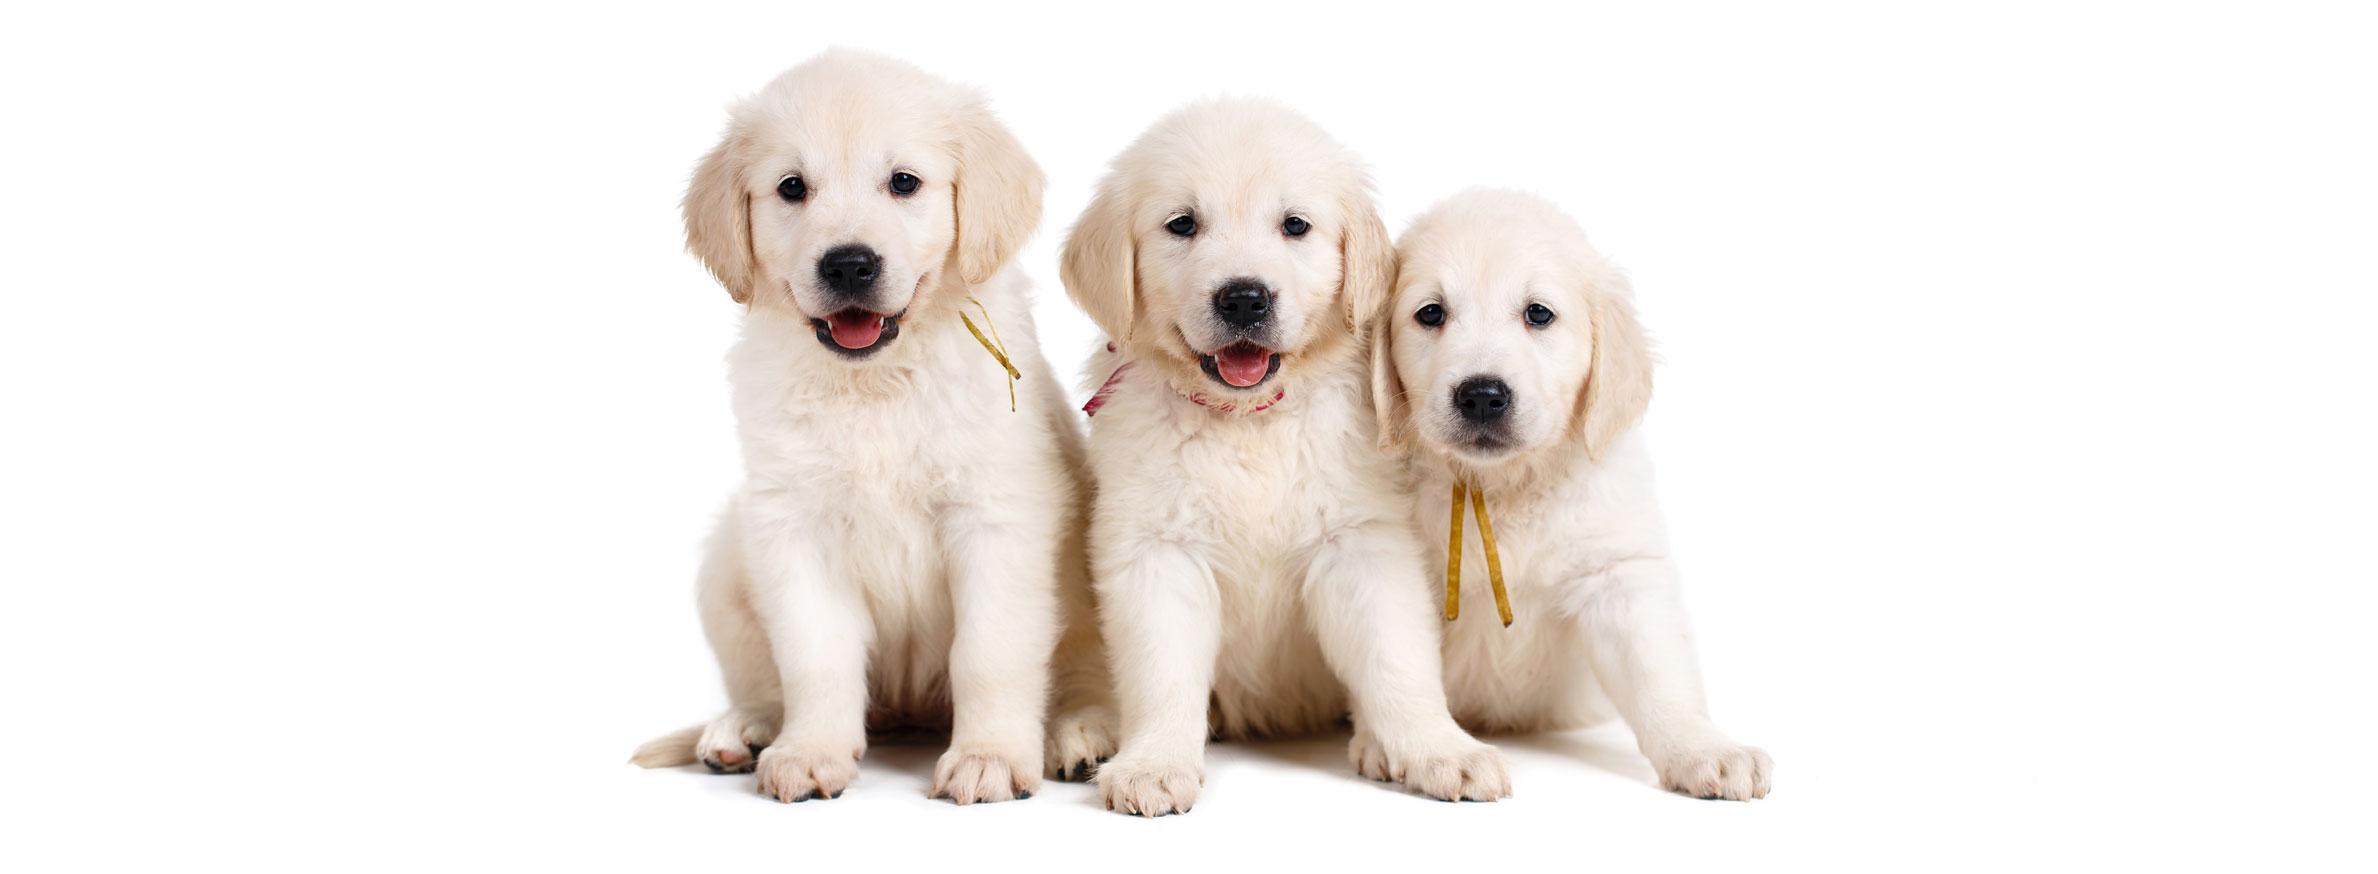 Golden Retriever puppy finder